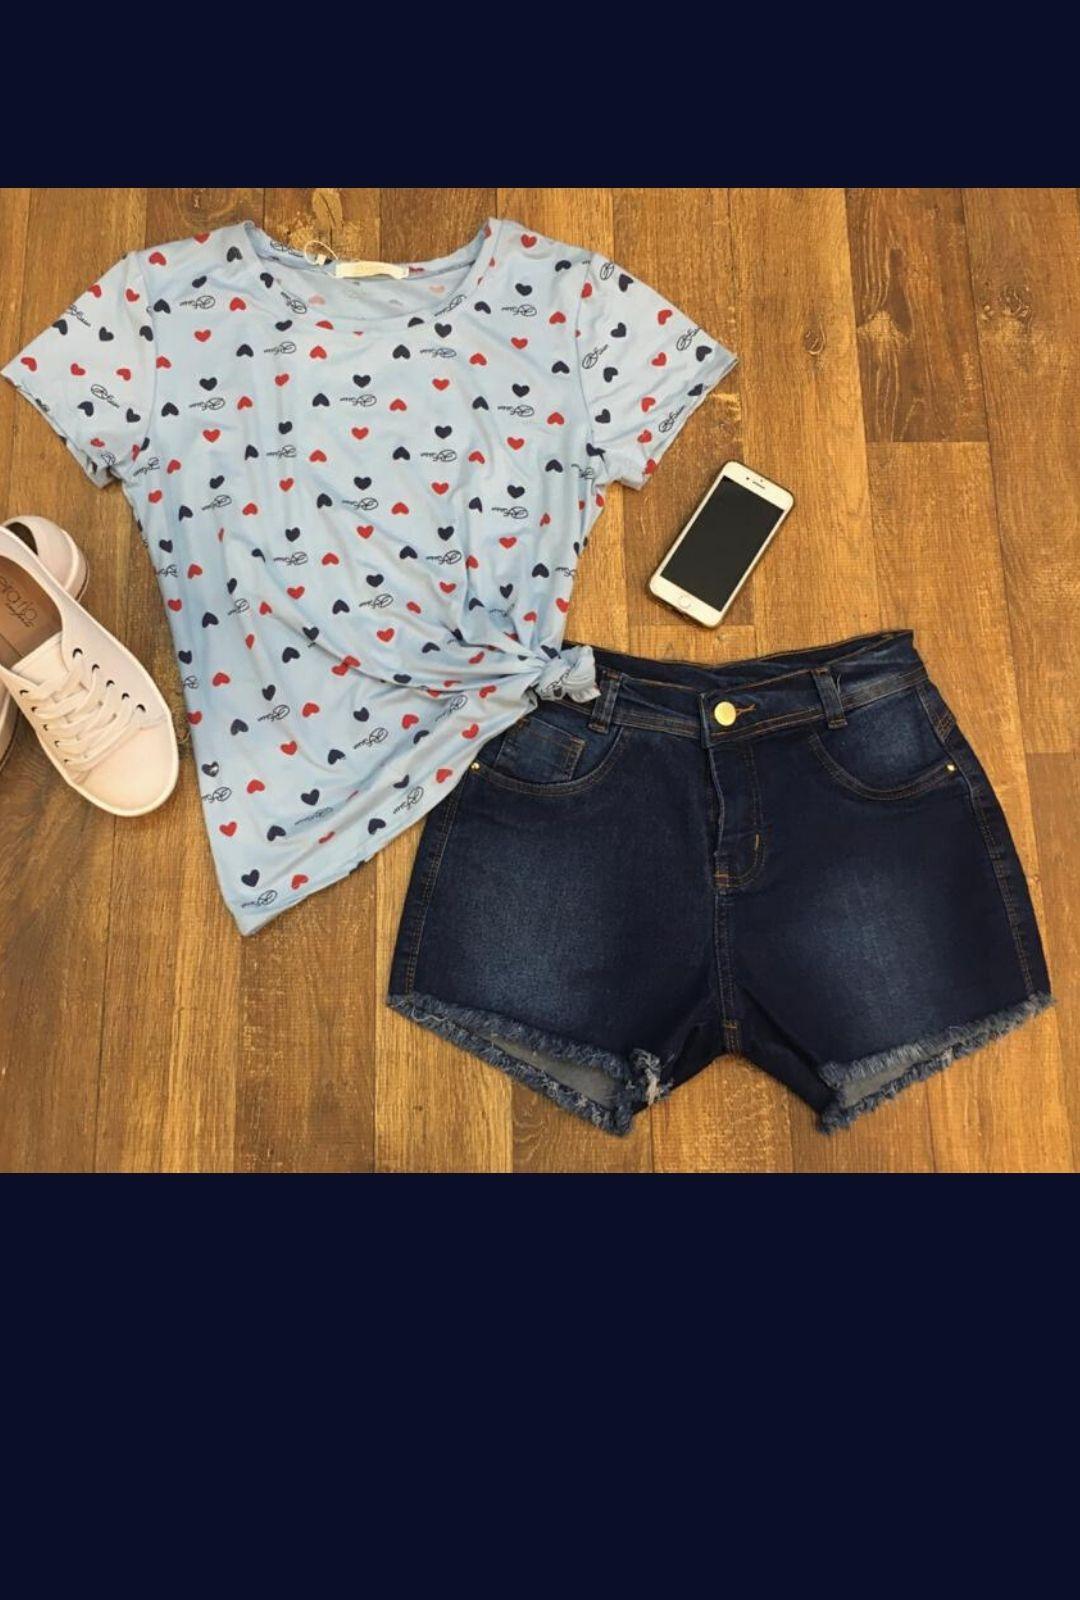 Shorts Jeans Feminino Curto   - ModaStore